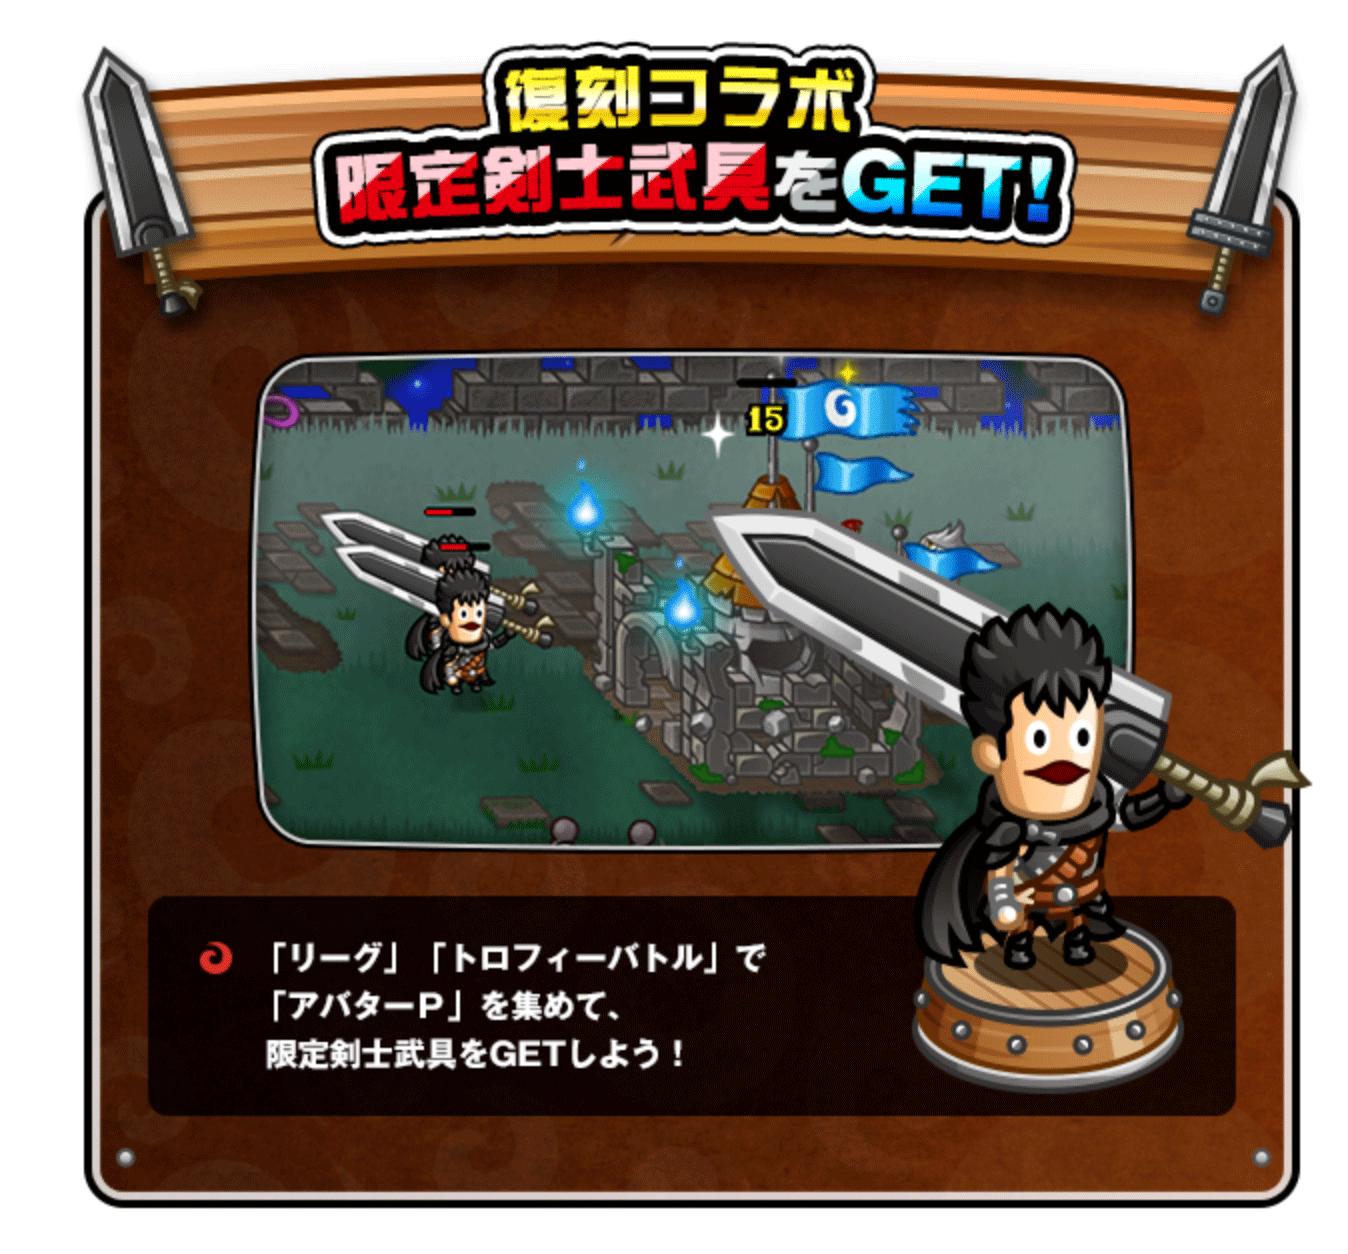 【城ドラ】ガッツ再々発売!!アビリティ追加にバランス調整内容と新剣士装備が登場!【城とドラゴン】